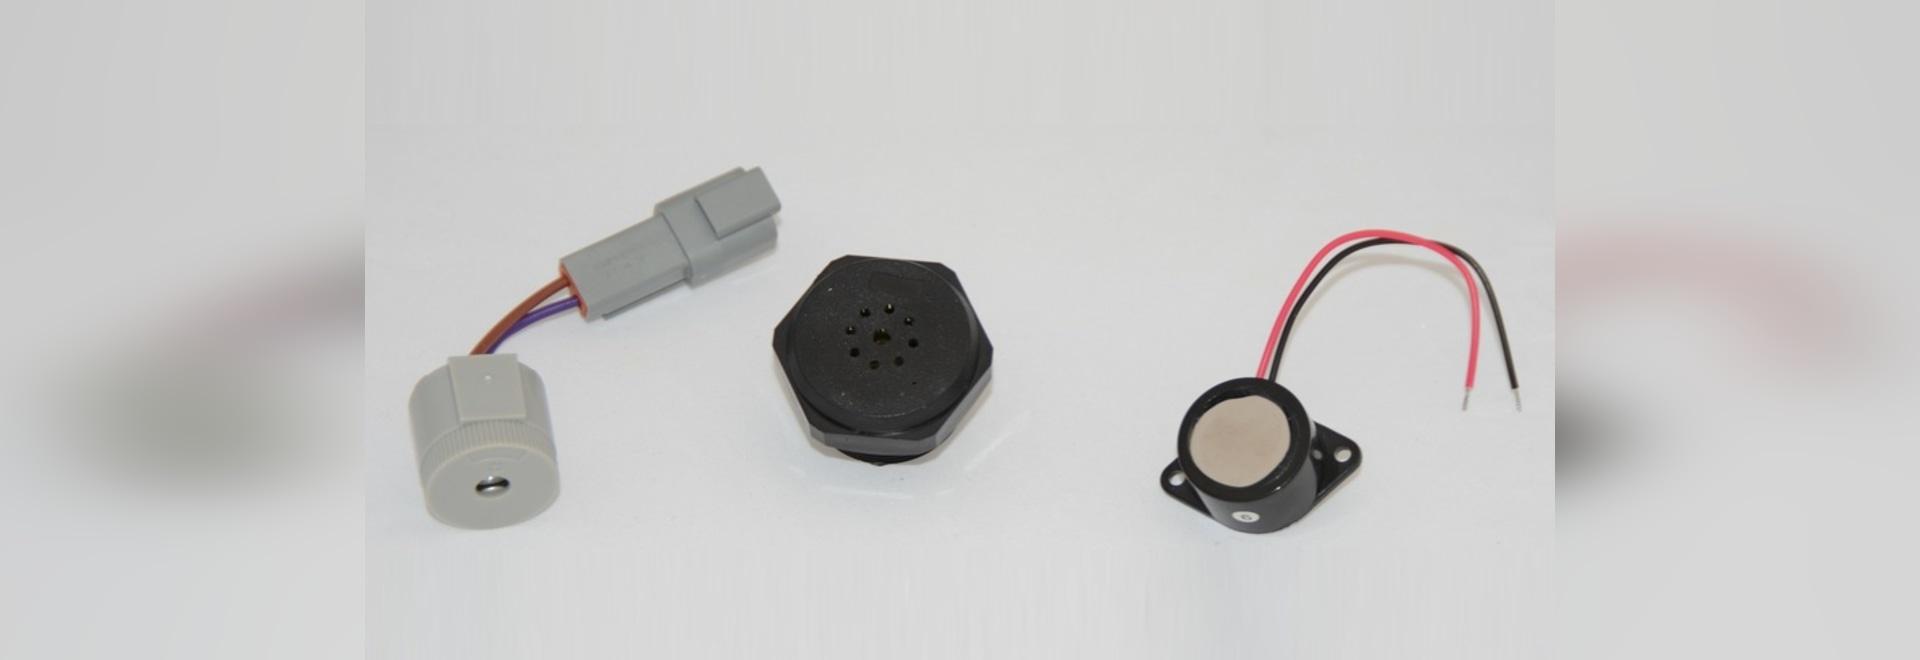 Los componentes audios de la entrada-salida frustran el agua